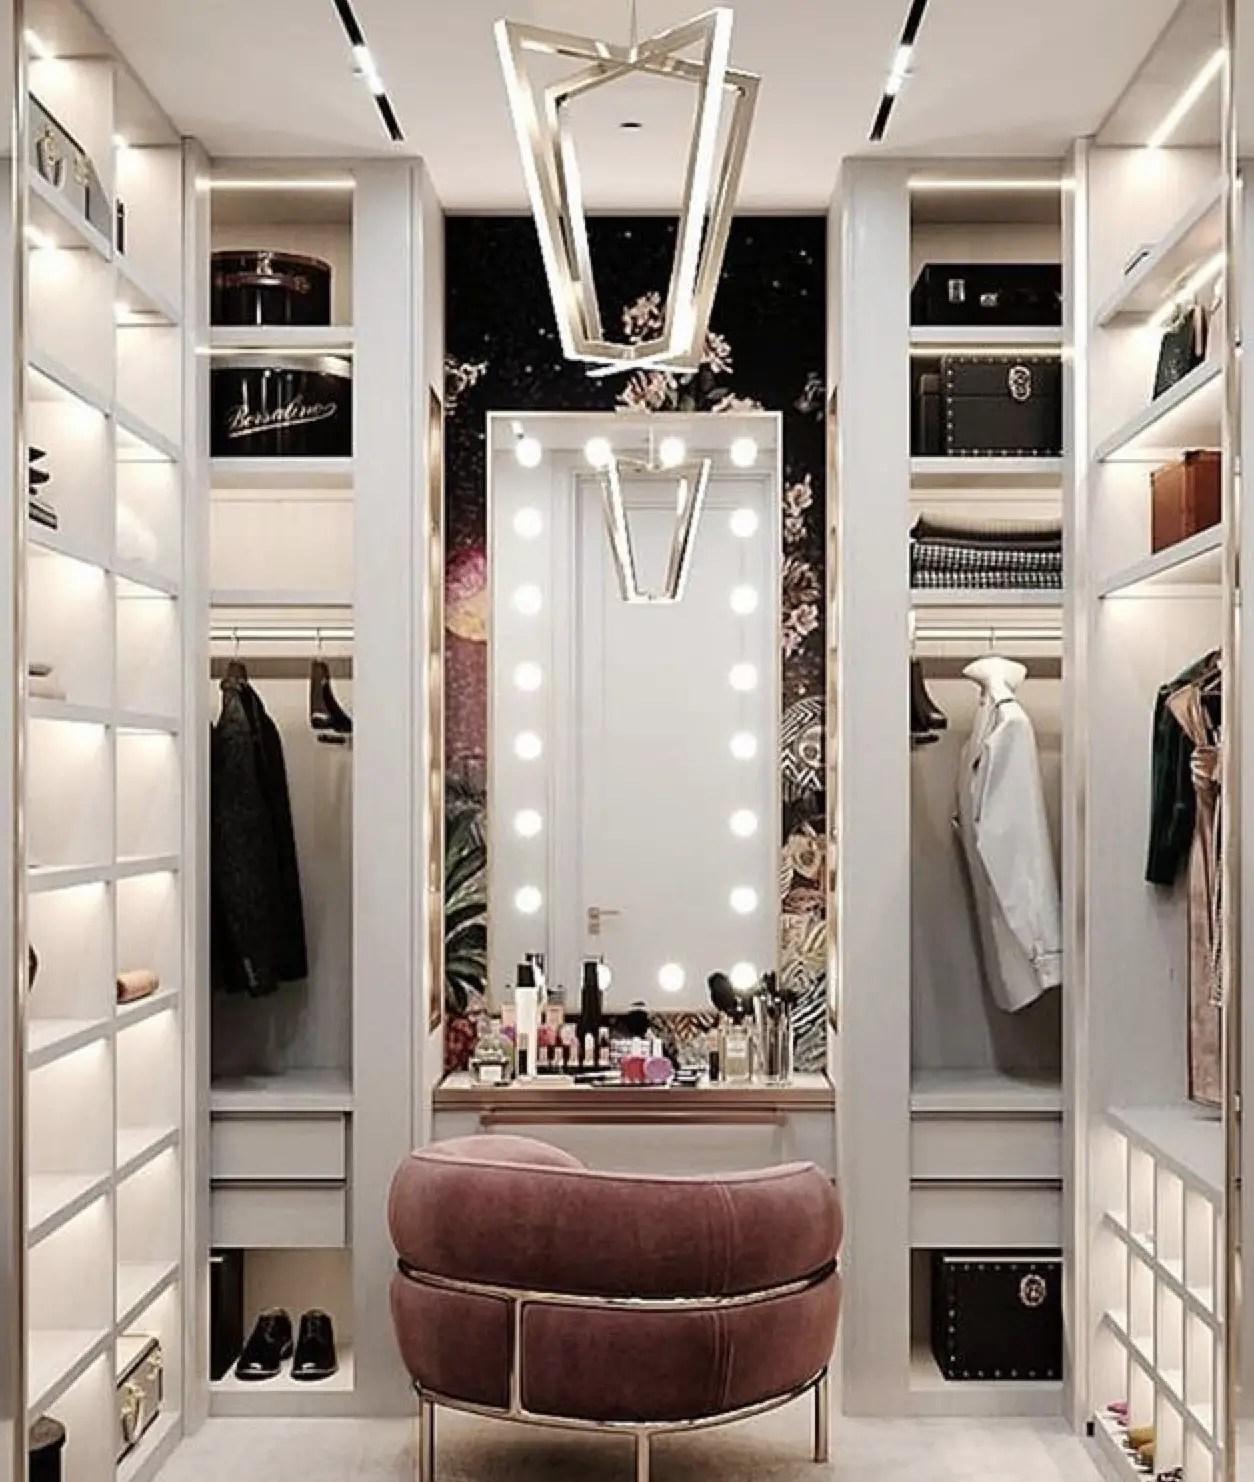 La vanité est exposé. Il possède un miroir avec les ampoules rondes et un fauteuil rose.